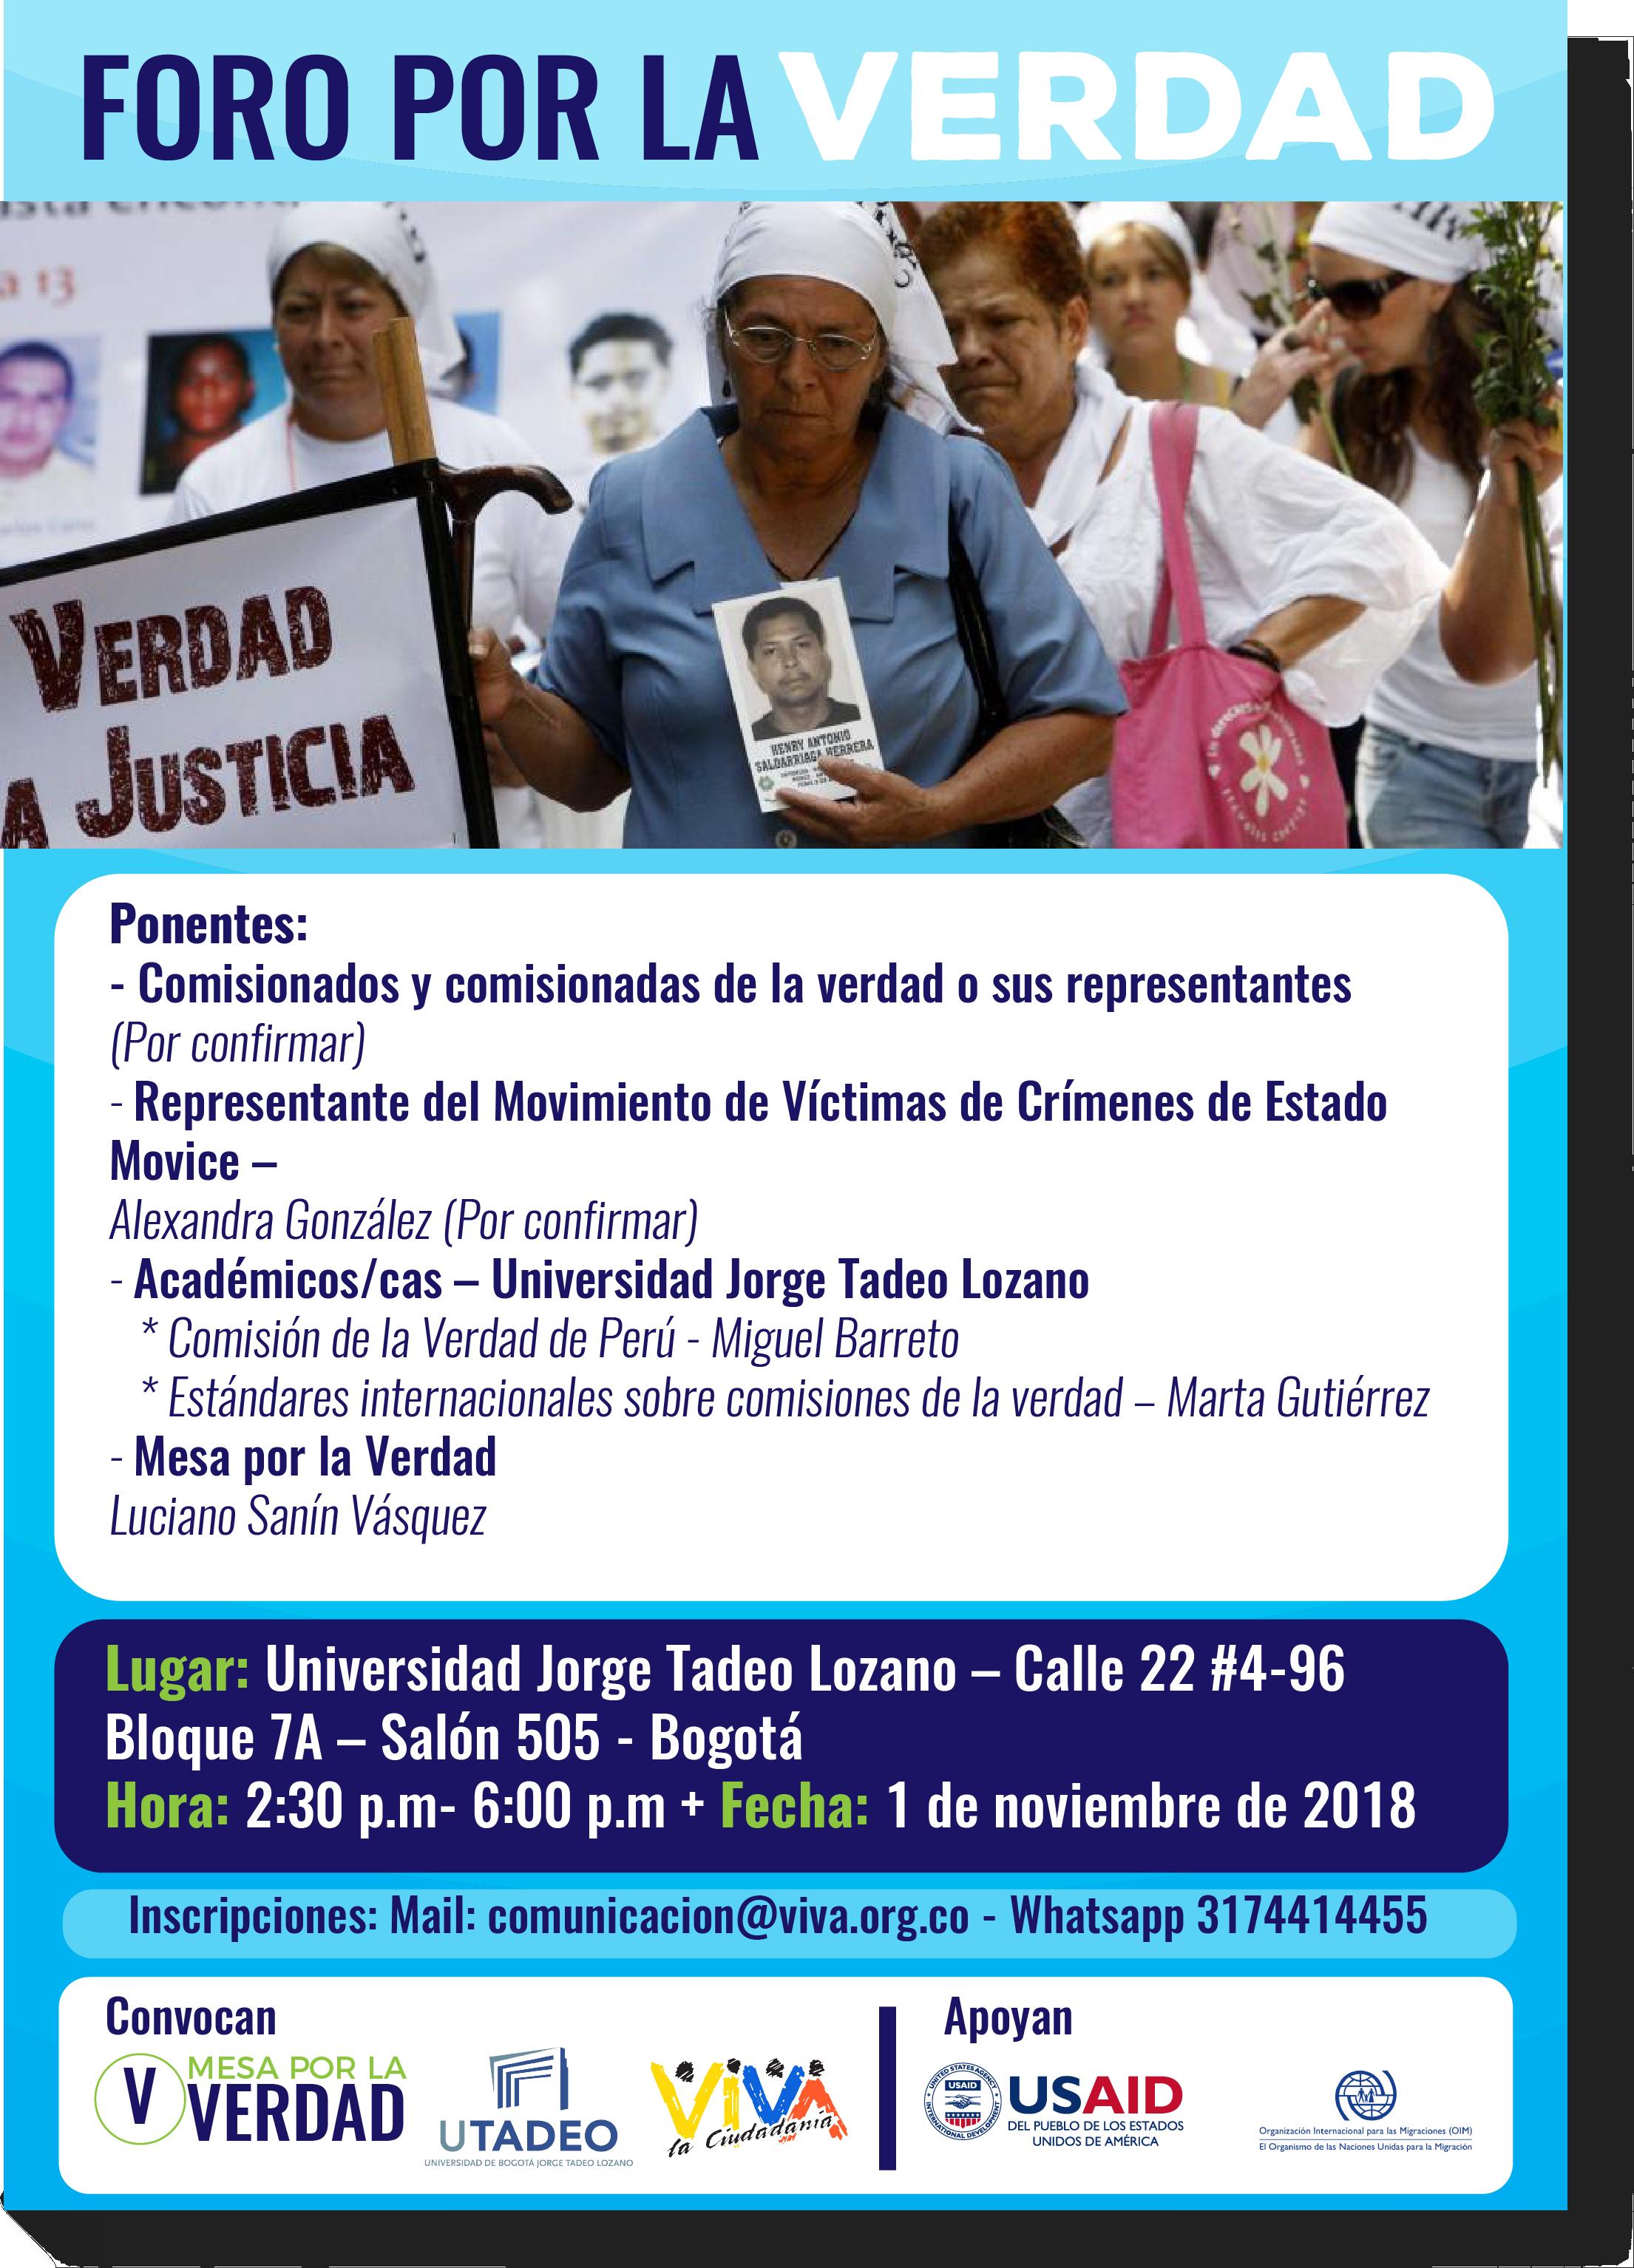 Mañana Foro por la Verdad – Bogotá